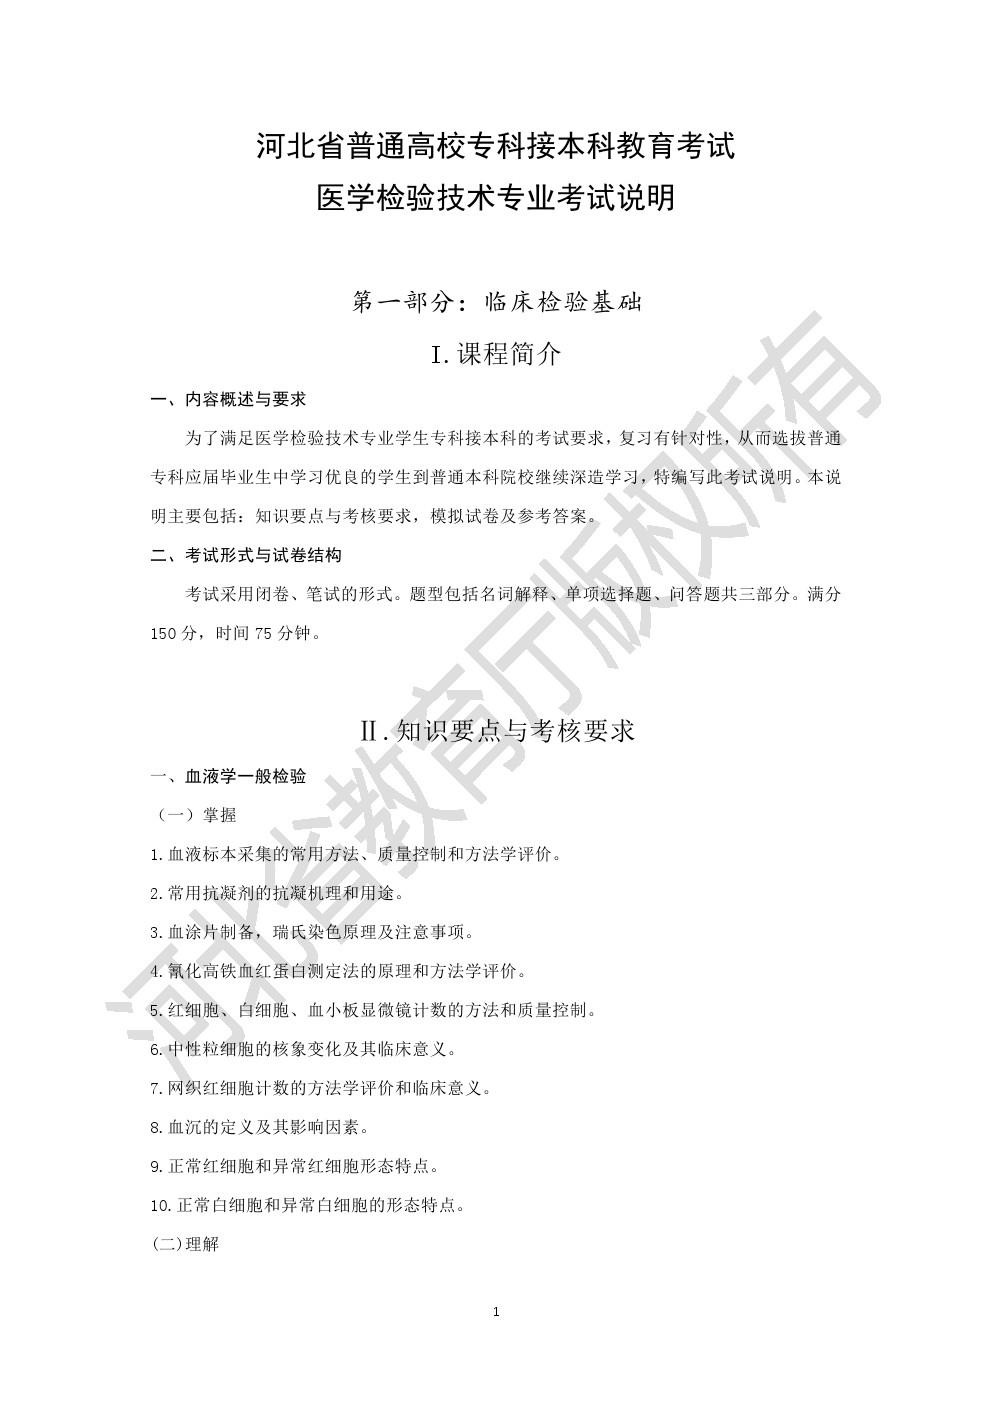 2020年河北省专接本考试医学类-医学检验技术专业考试说明(临床检验基础、生物化学检验)